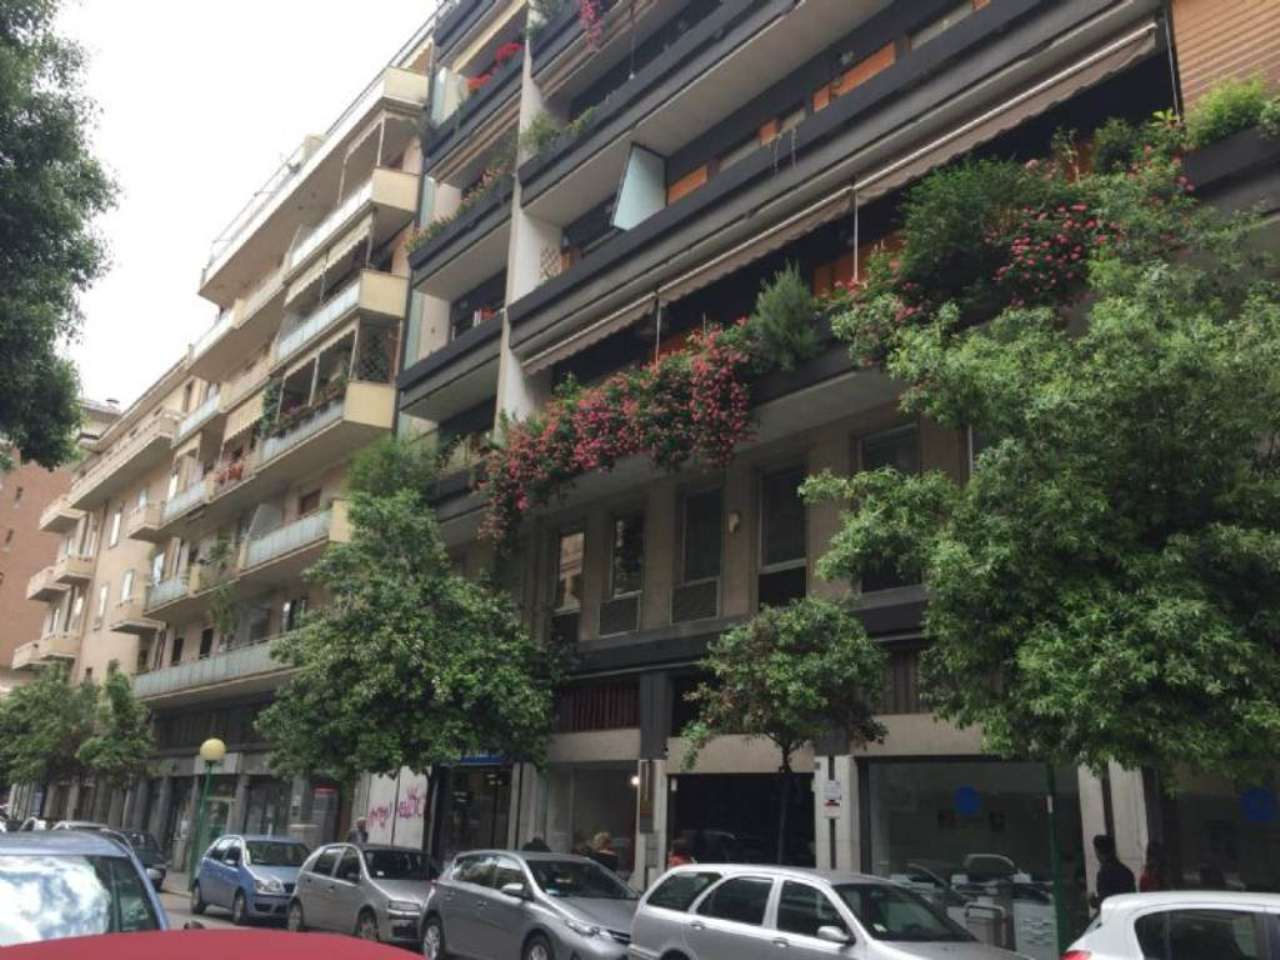 Ufficio / Studio in affitto a Pescara, 3 locali, prezzo € 650 | Cambio Casa.it